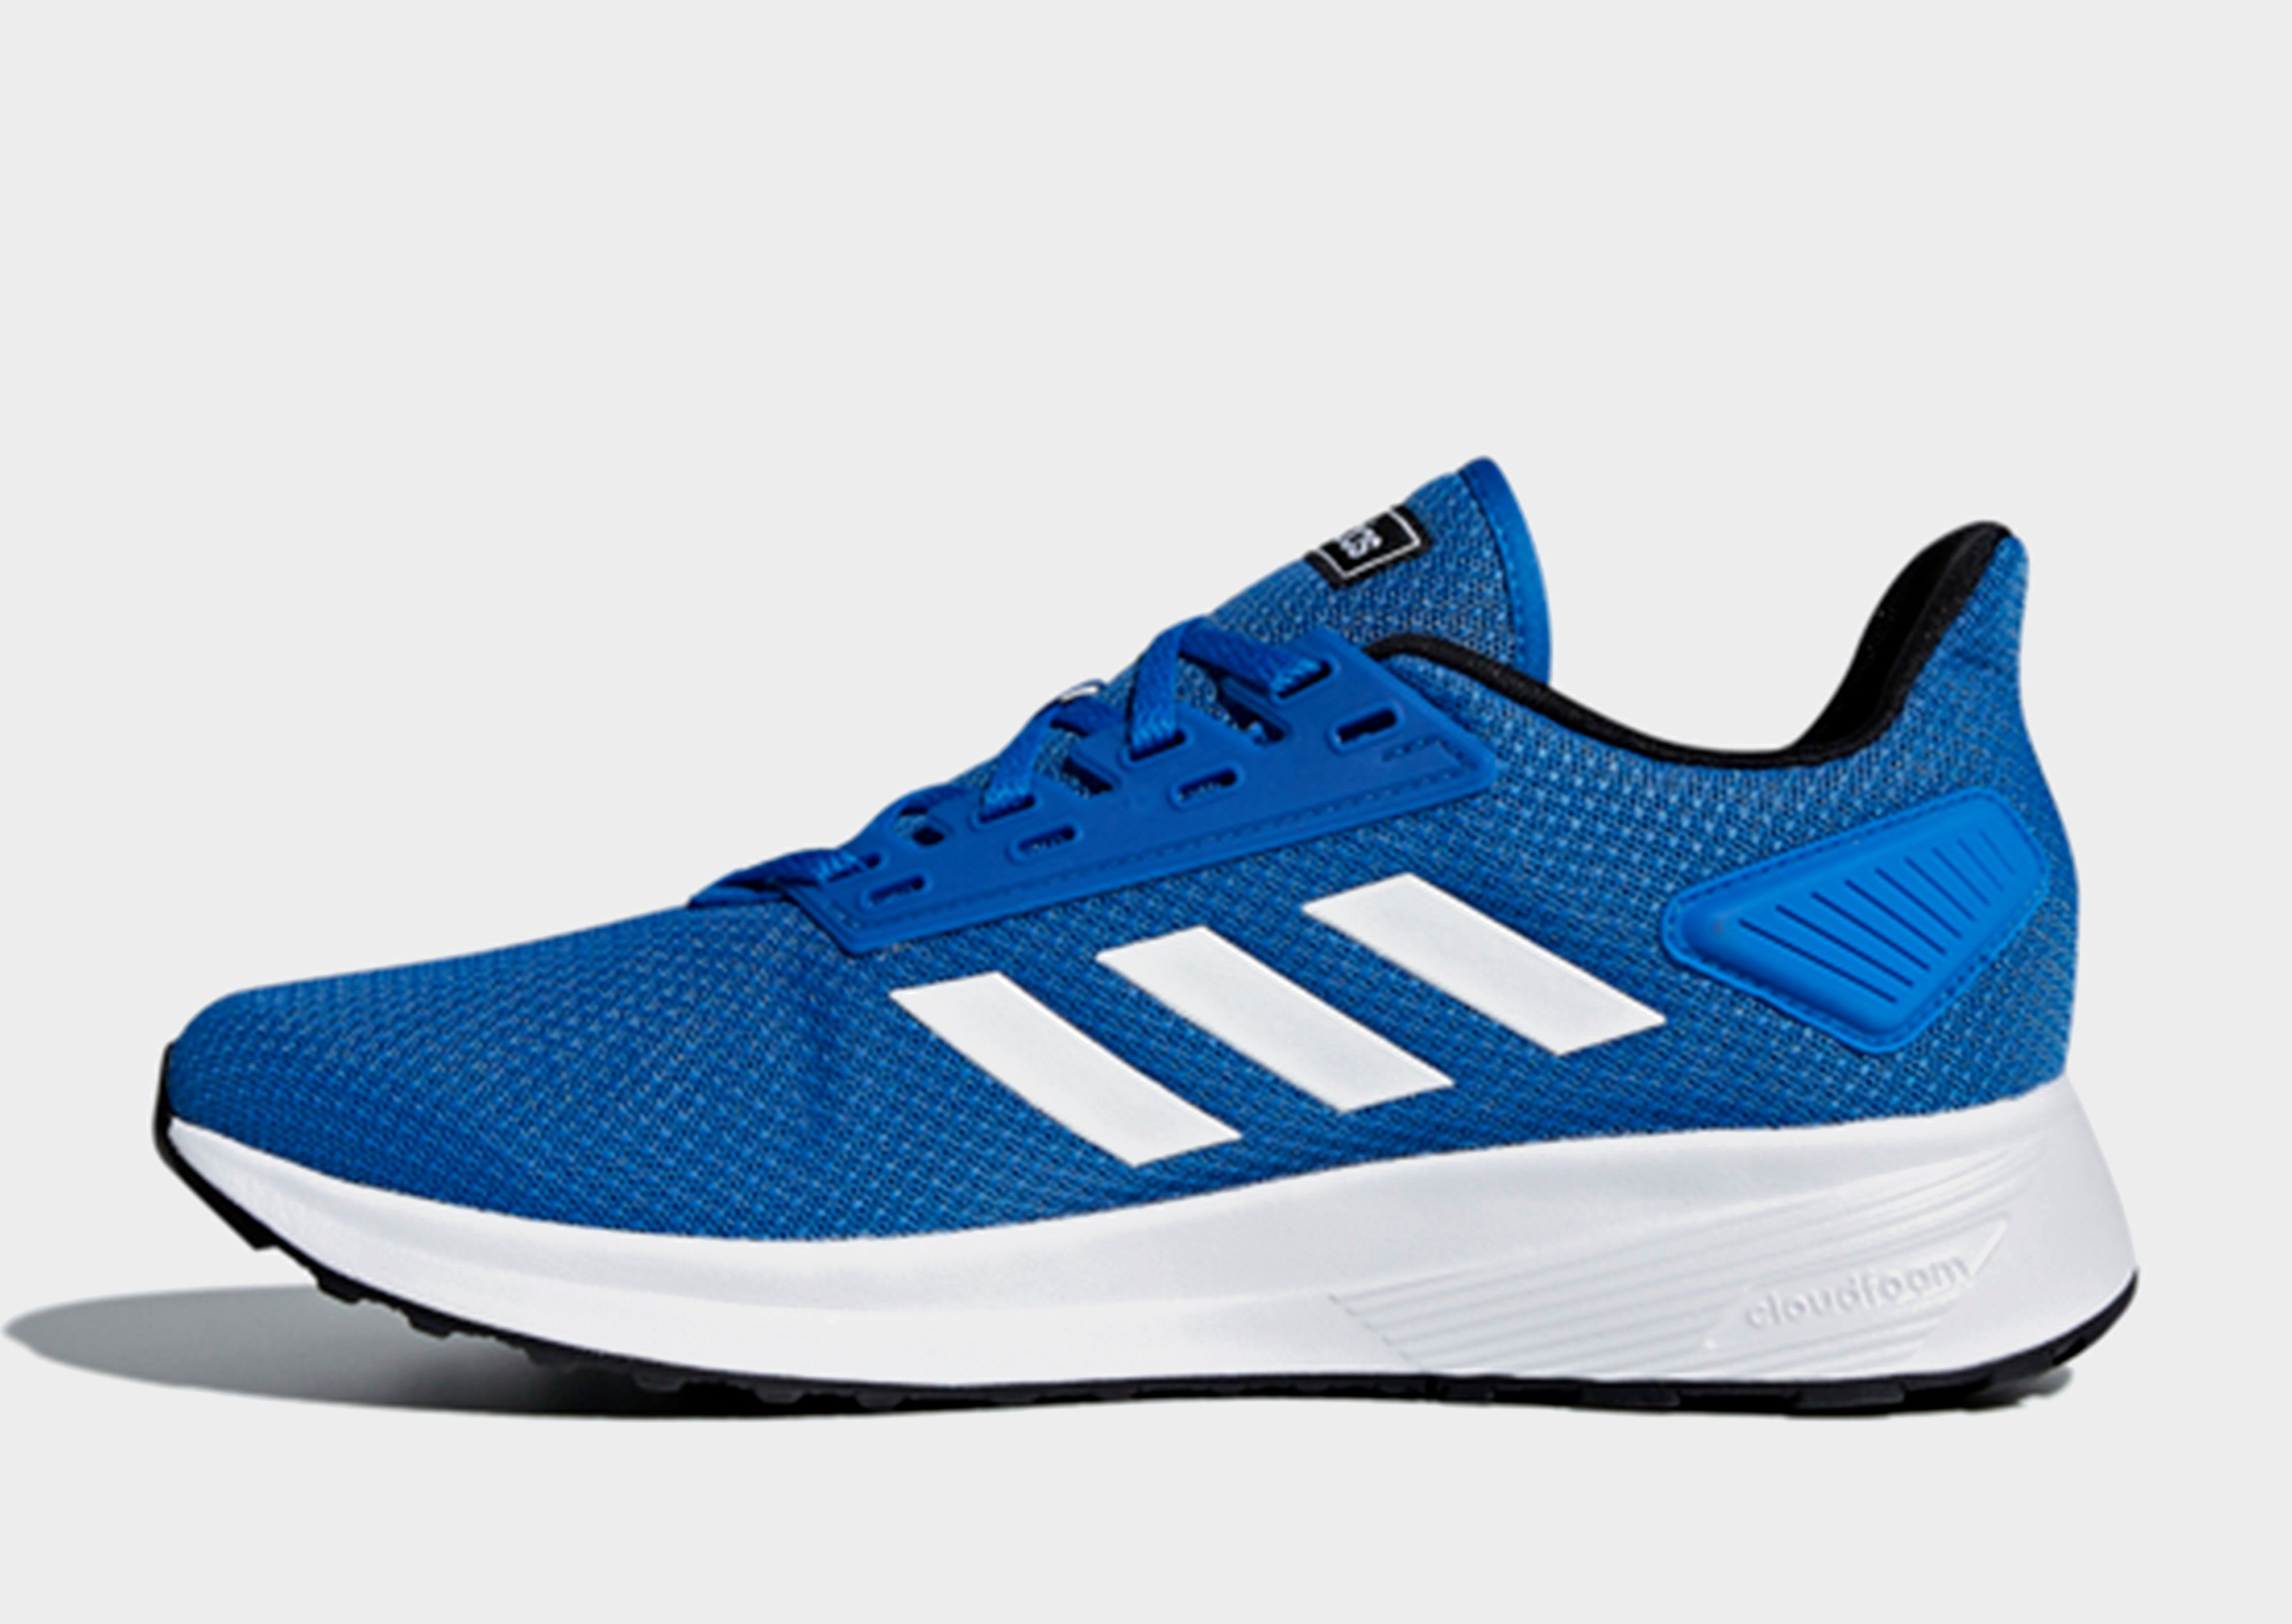 827a44a9d7e65d ADIDAS Duramo 9 Shoes